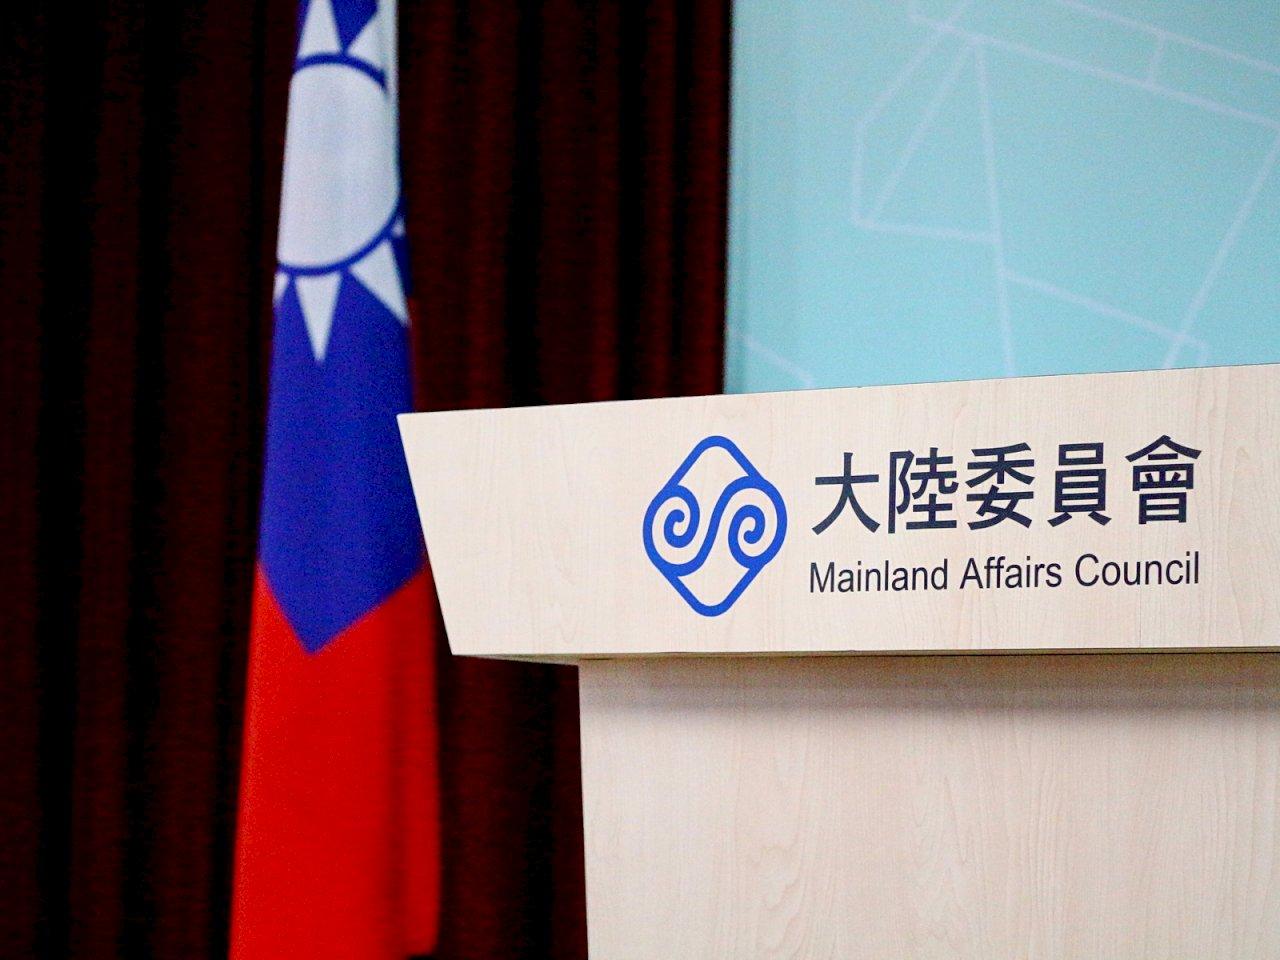 陸委會:香港一國兩制經驗 堅定我守護自由決心